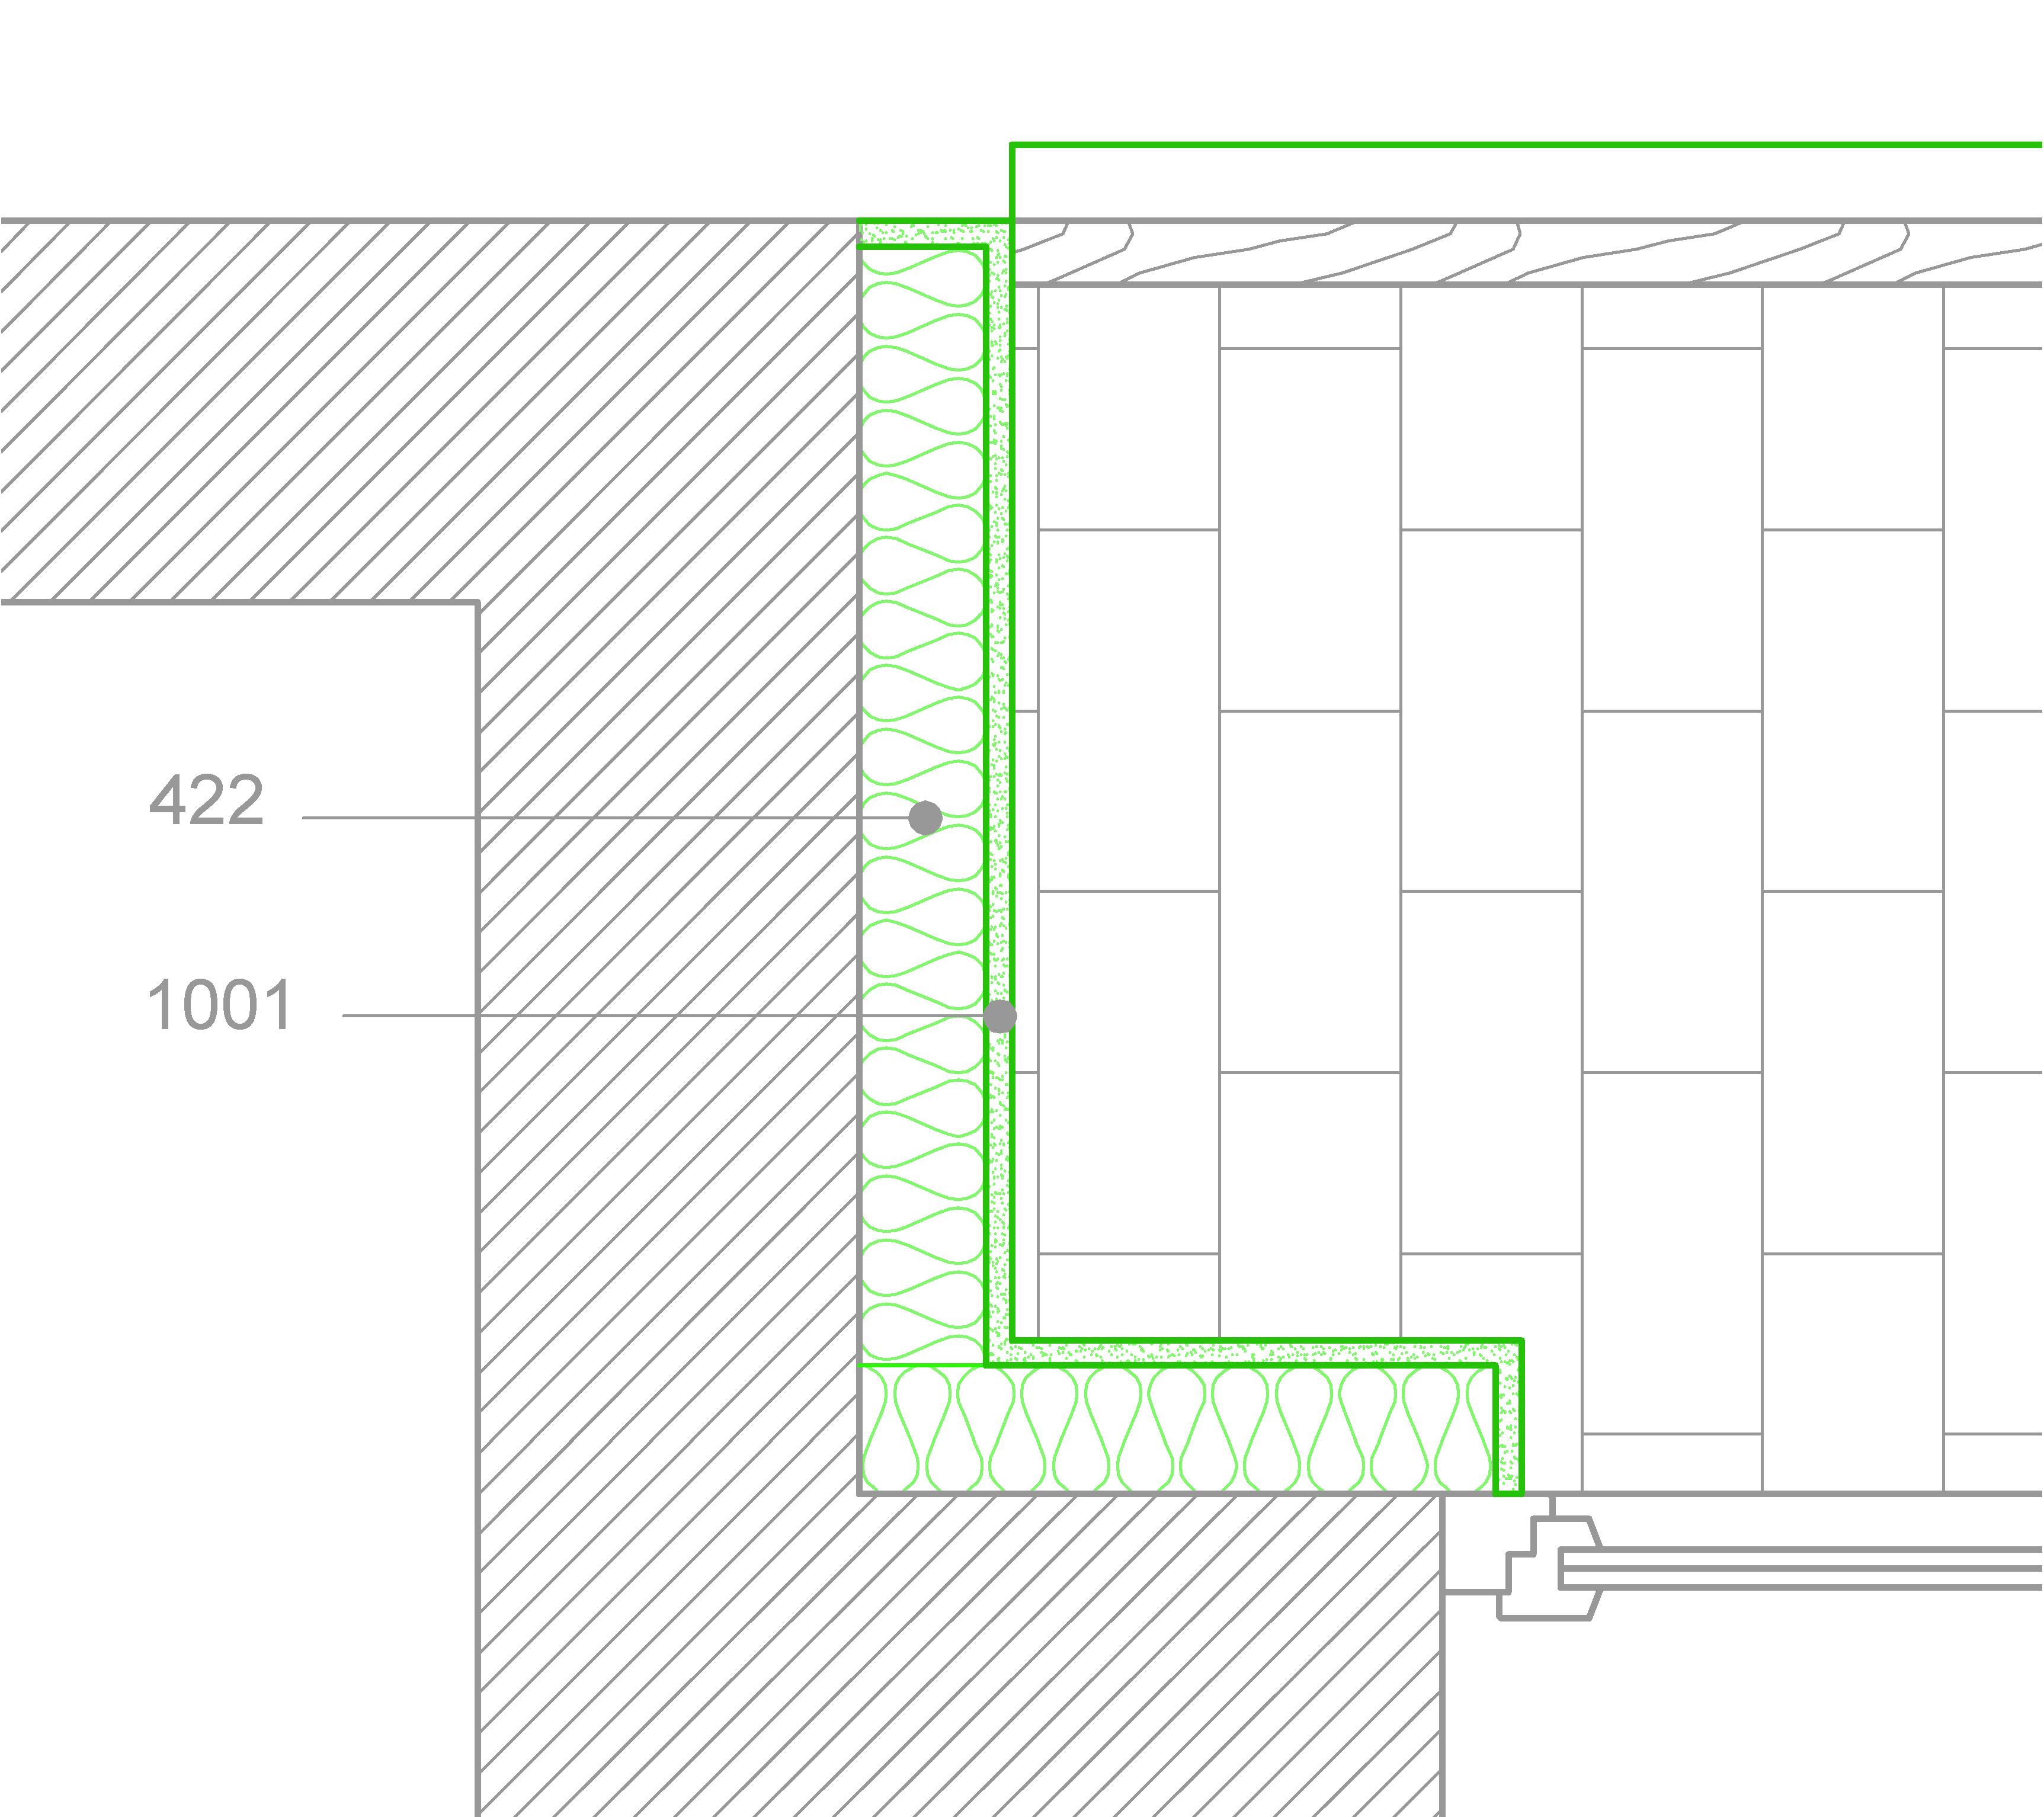 12b Balkon Mit Aw Netzwerk Alpines Bauen